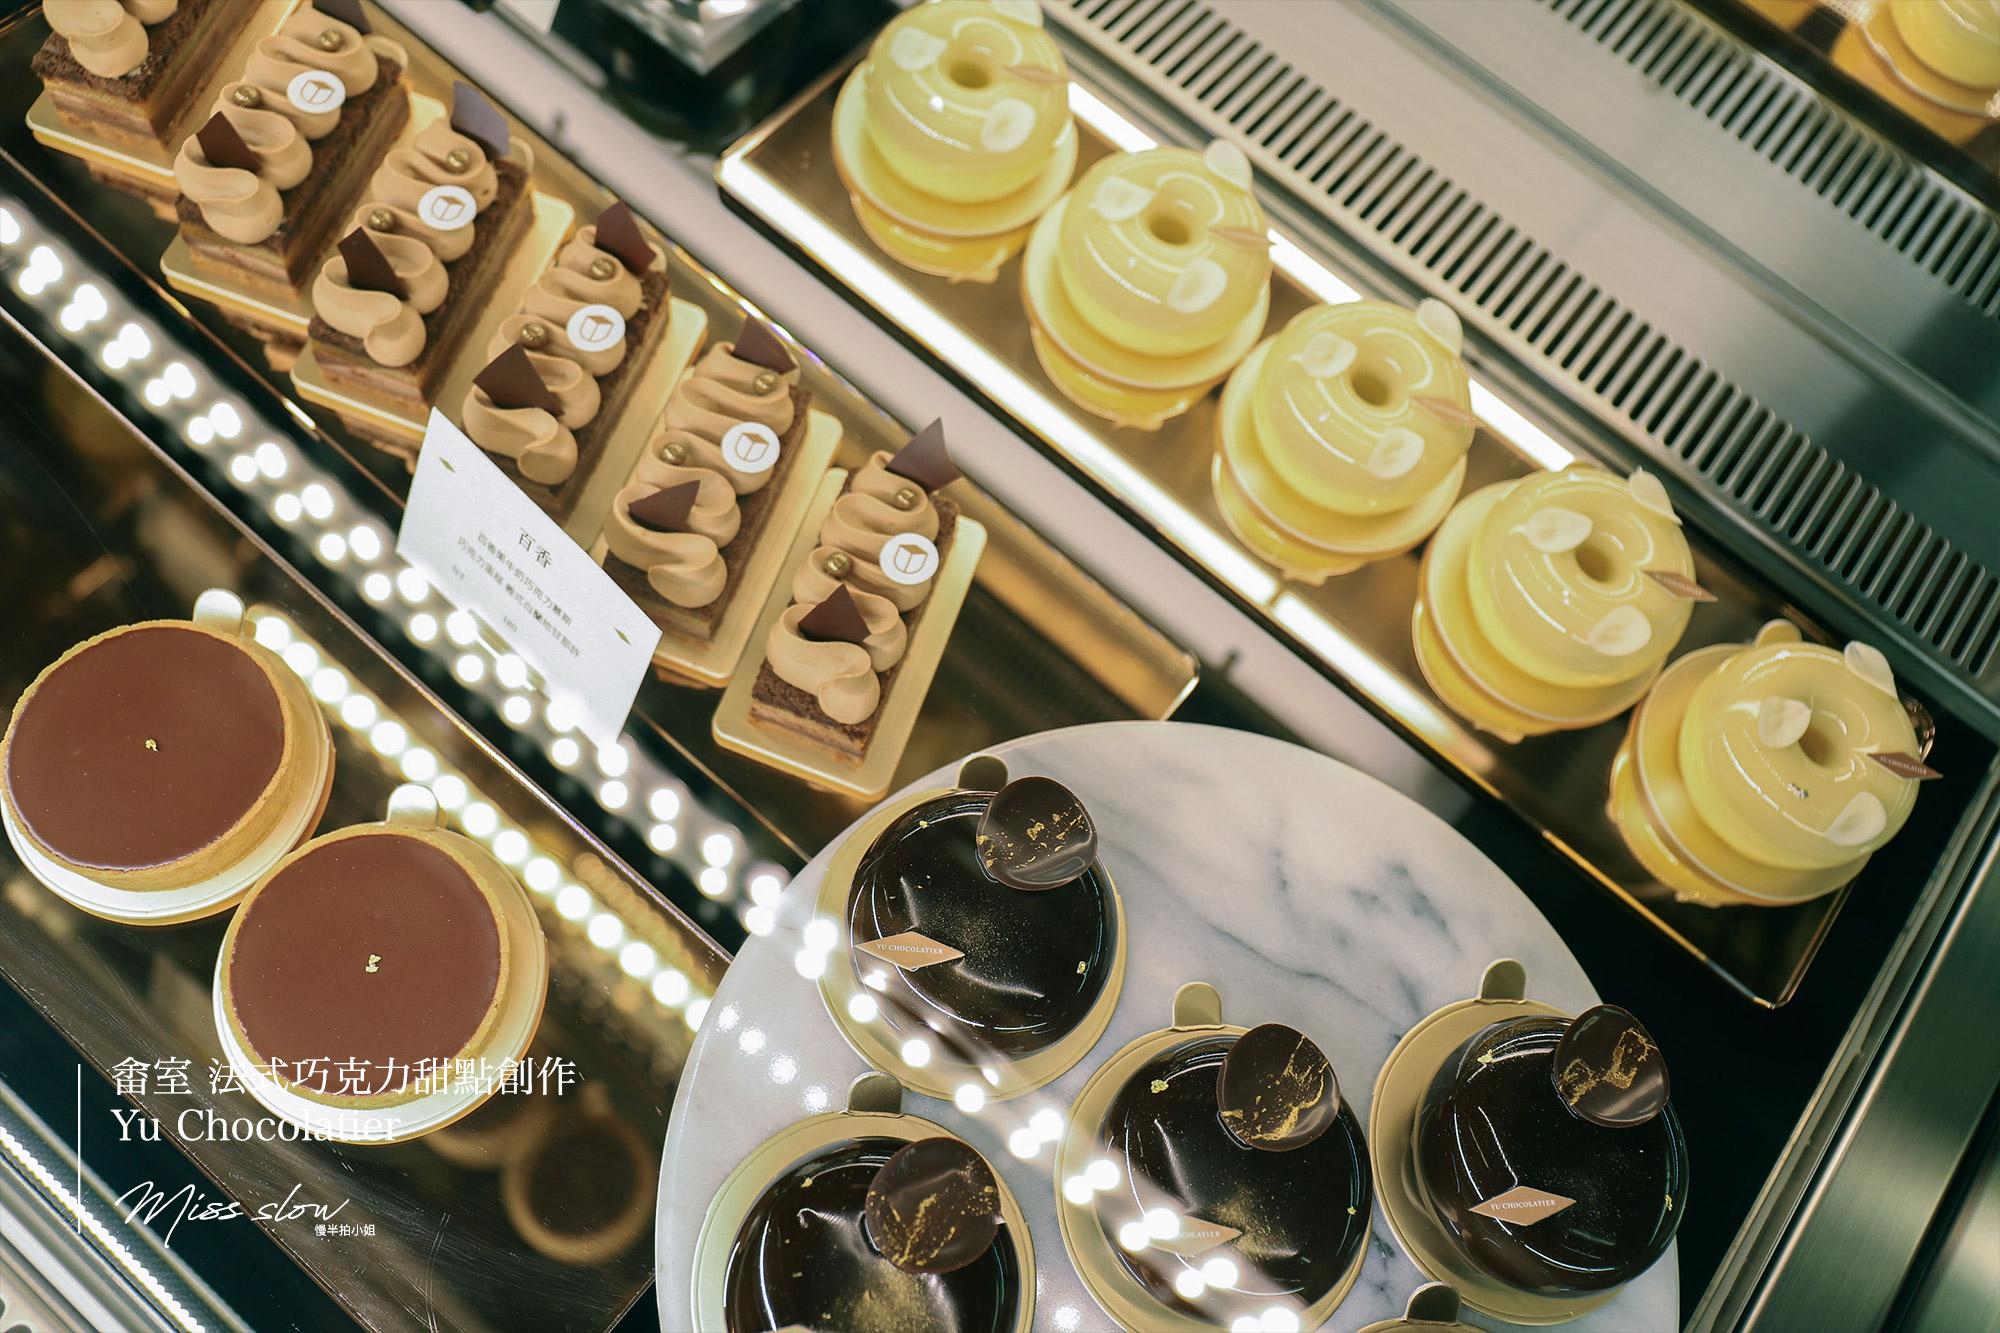 畬室法式巧克力_蛋糕櫃1